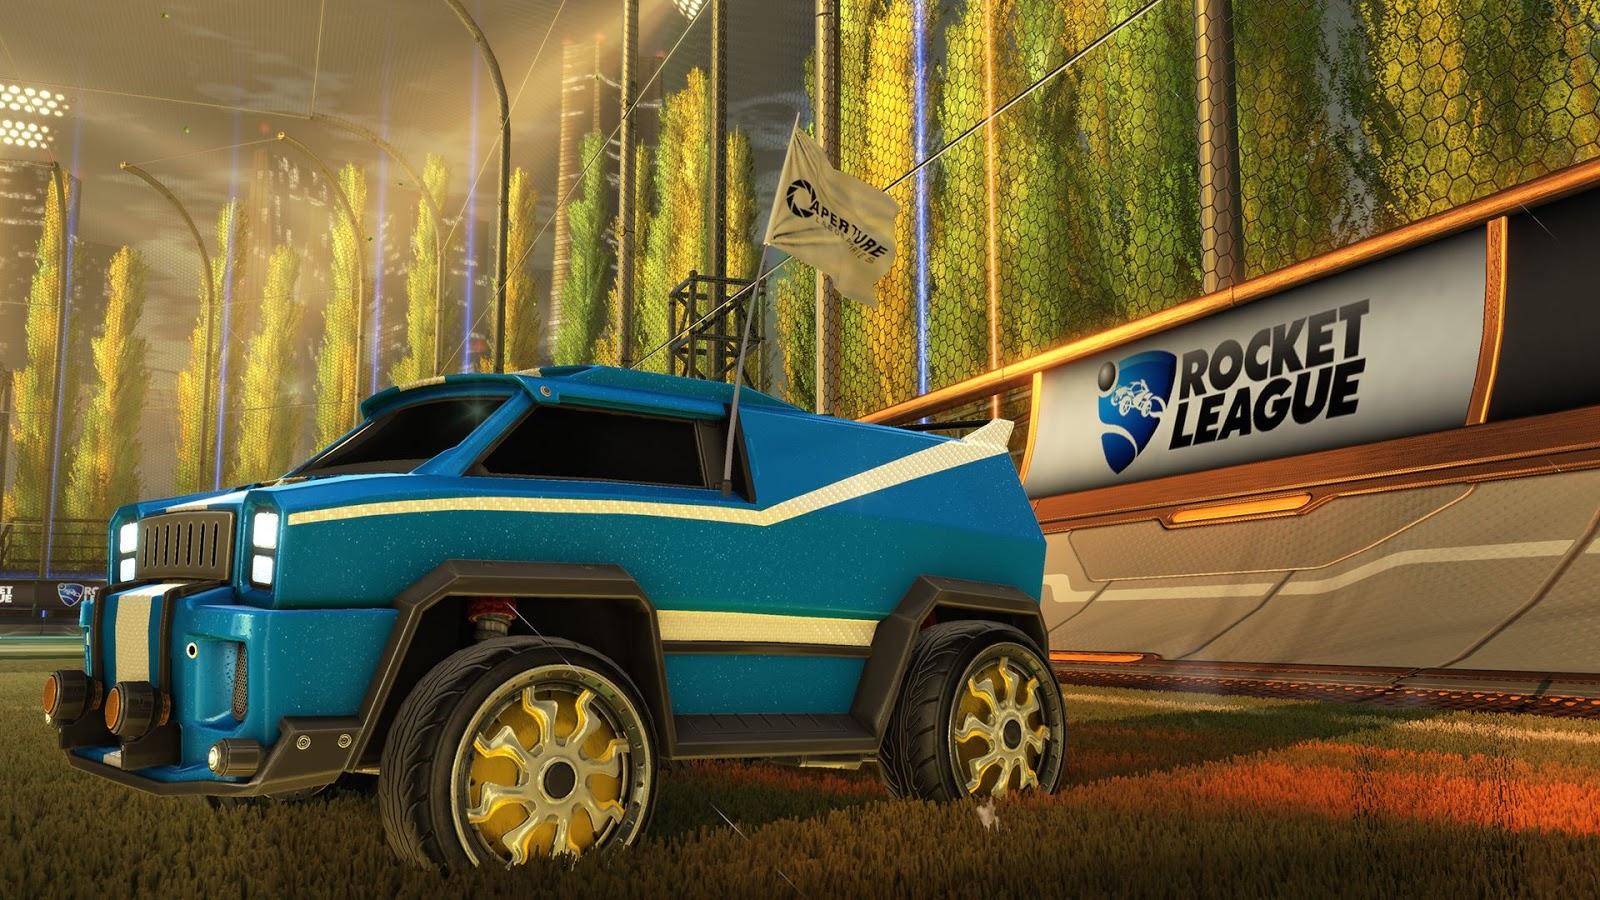 ����� ���� ������ ������� Rocket 2972136-portal1.jpg